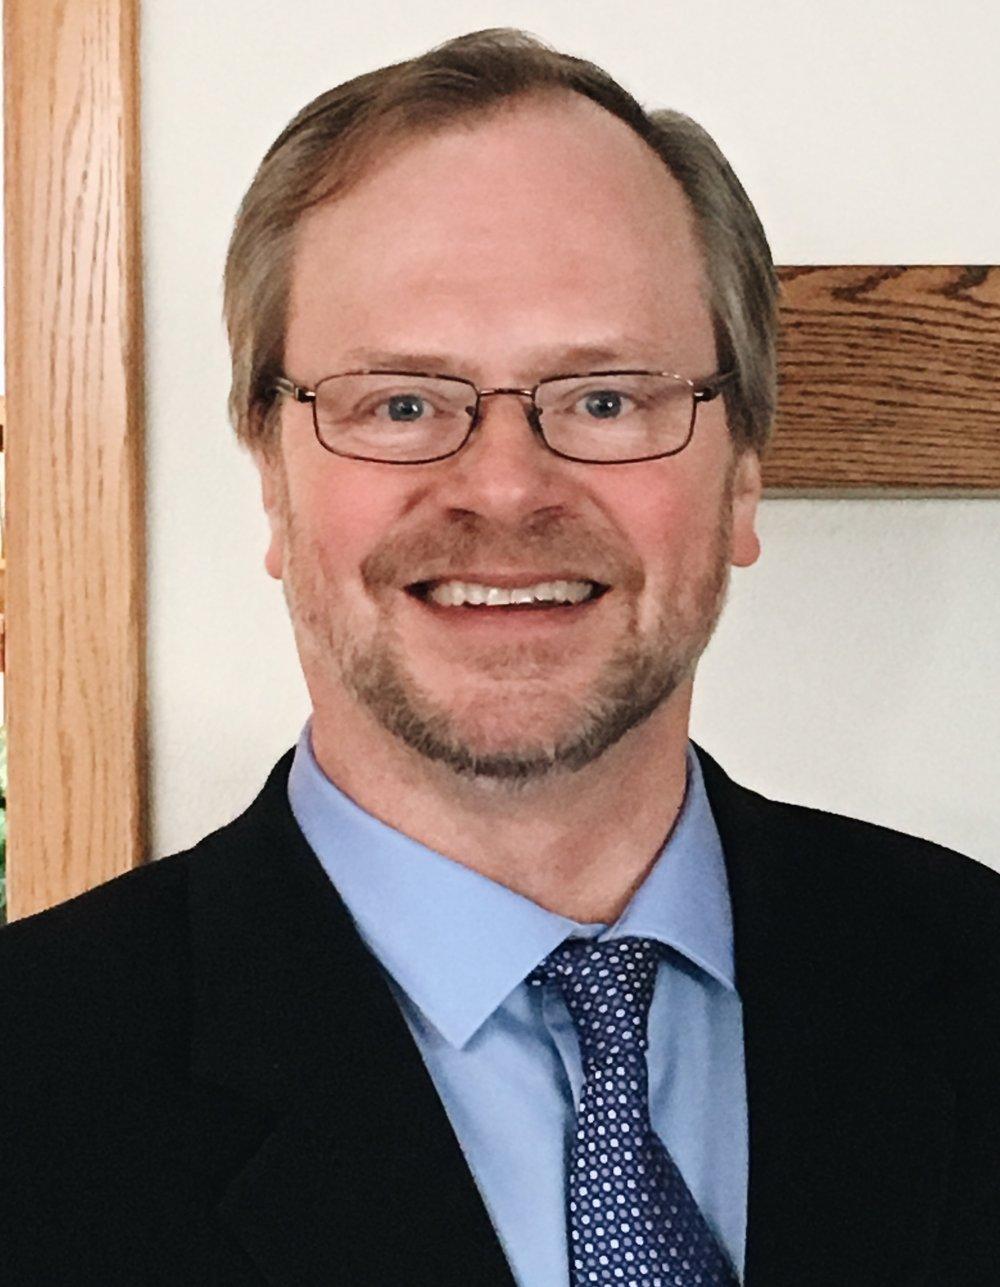 Pastor Skarsten